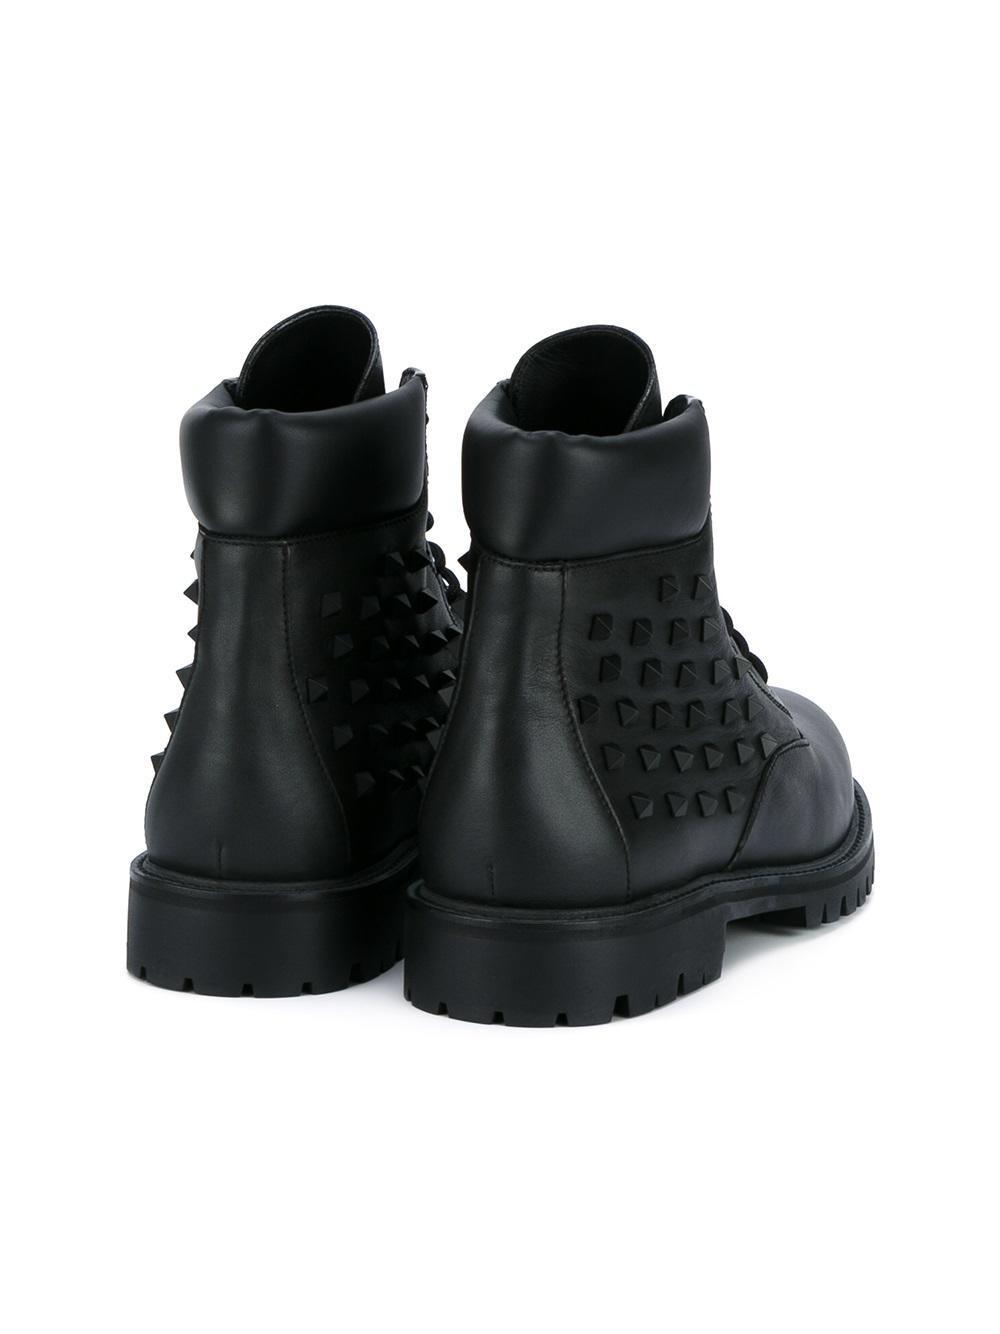 28a14715fd62 Valentino Rockstud Snow Boots